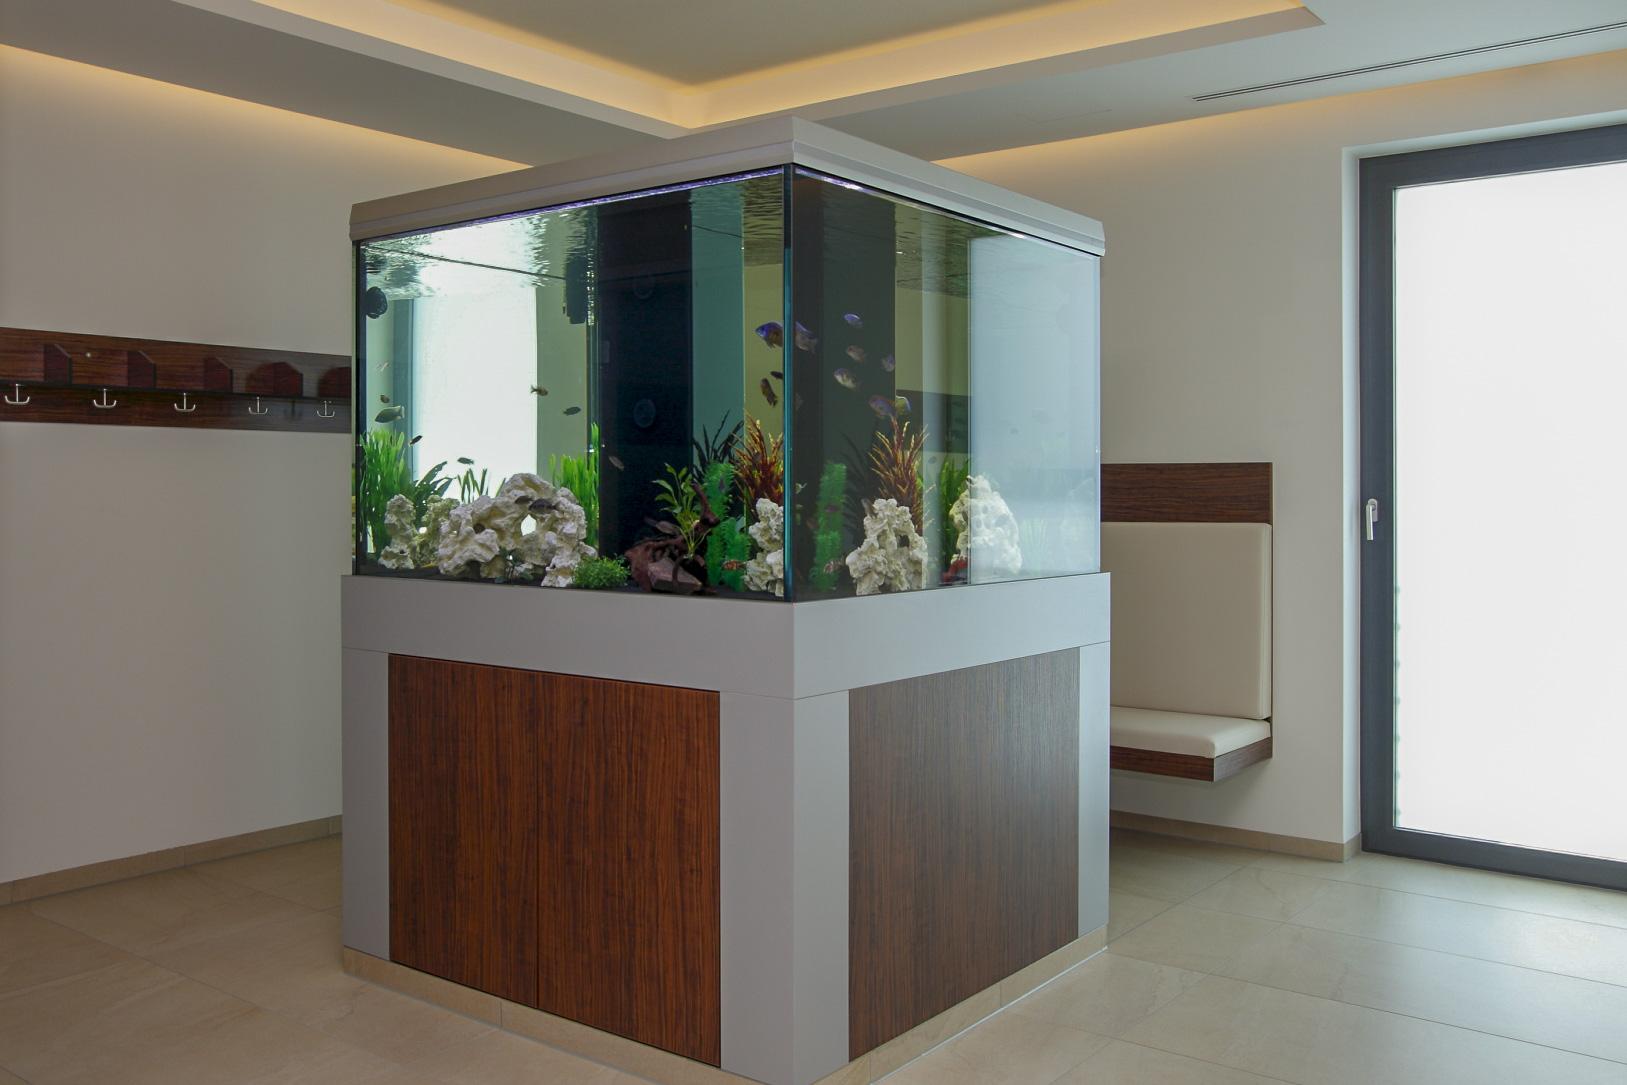 Möbel für Umkleideräume in Sport-, Fitness- und Wellnessstudios